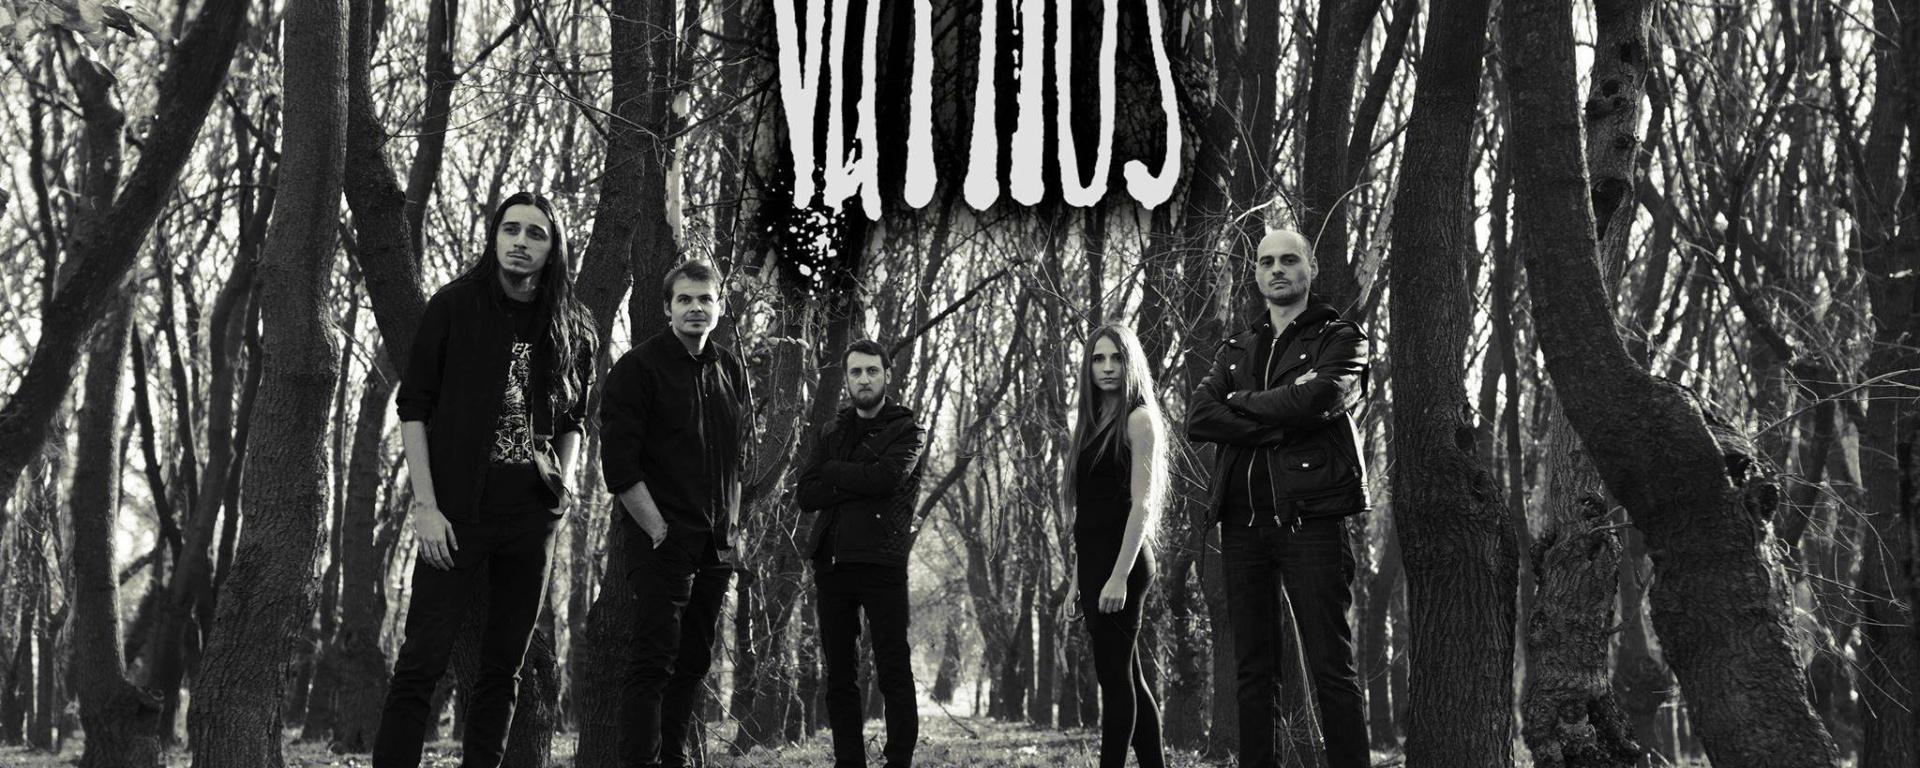 Váthos au lansat albumul de debut, Underwater